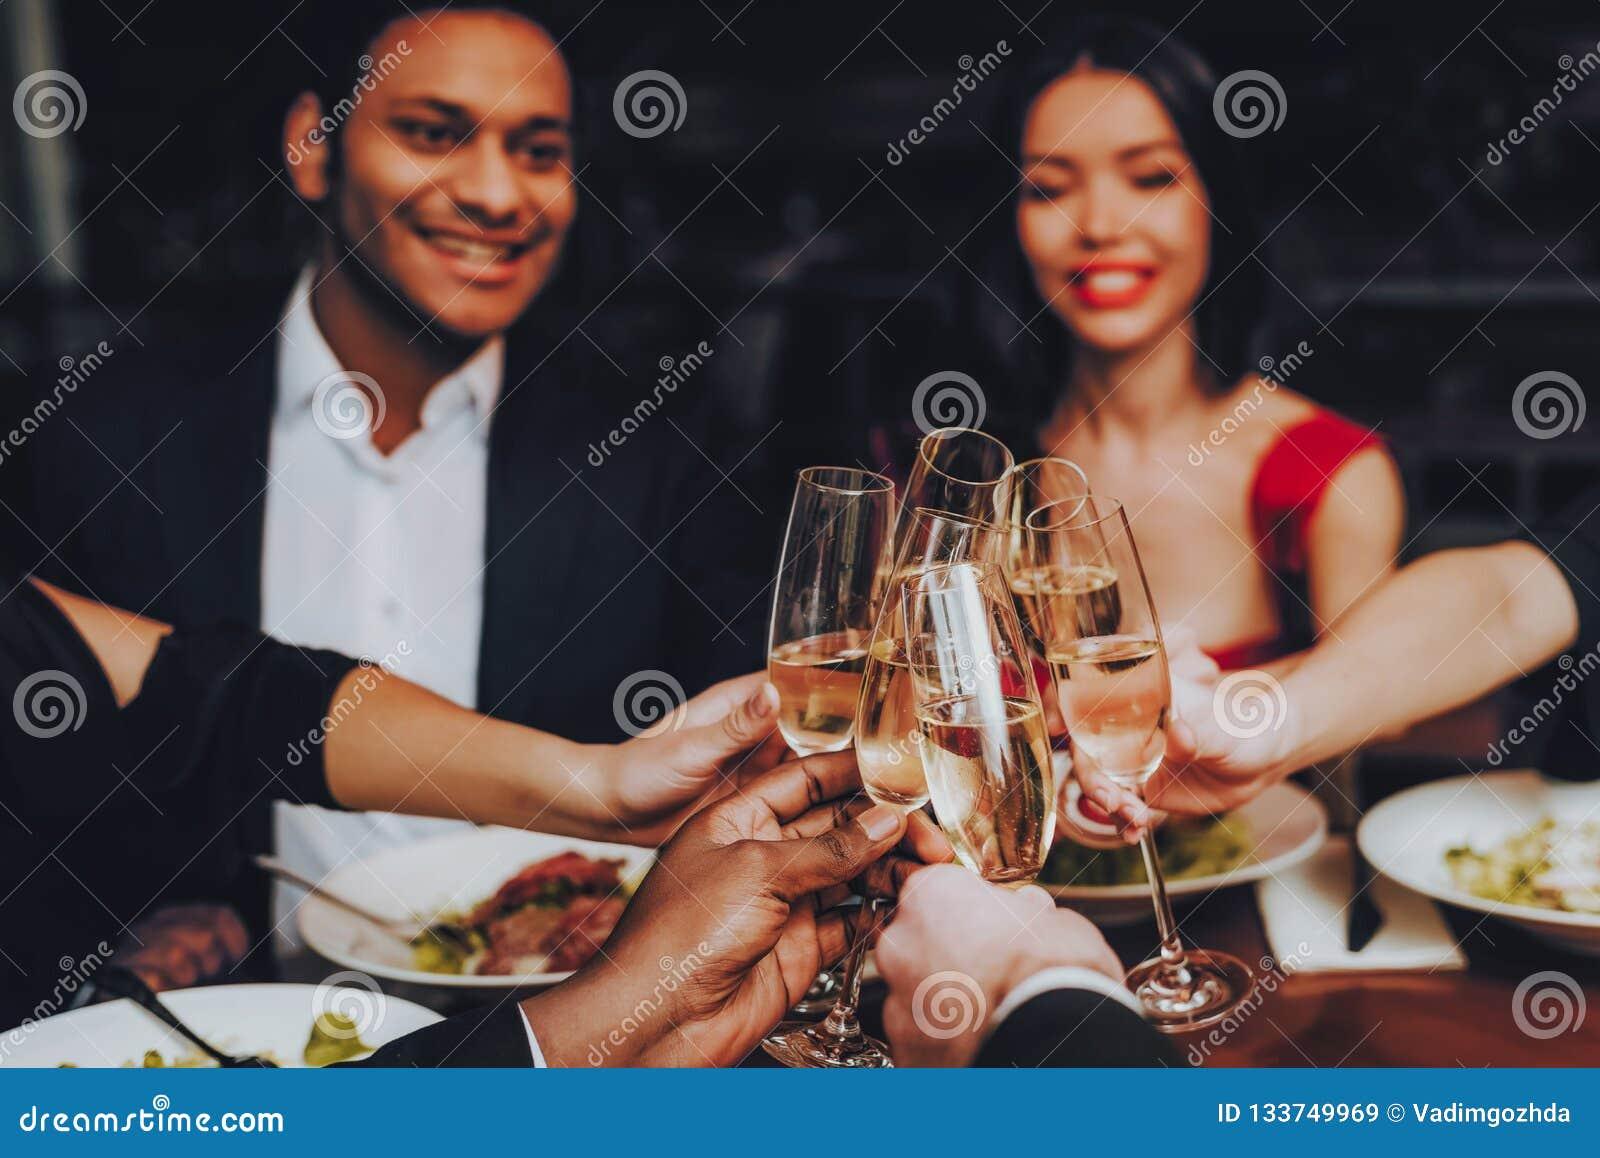 Друзья охлаждая вне наслаждаться едой в ресторане